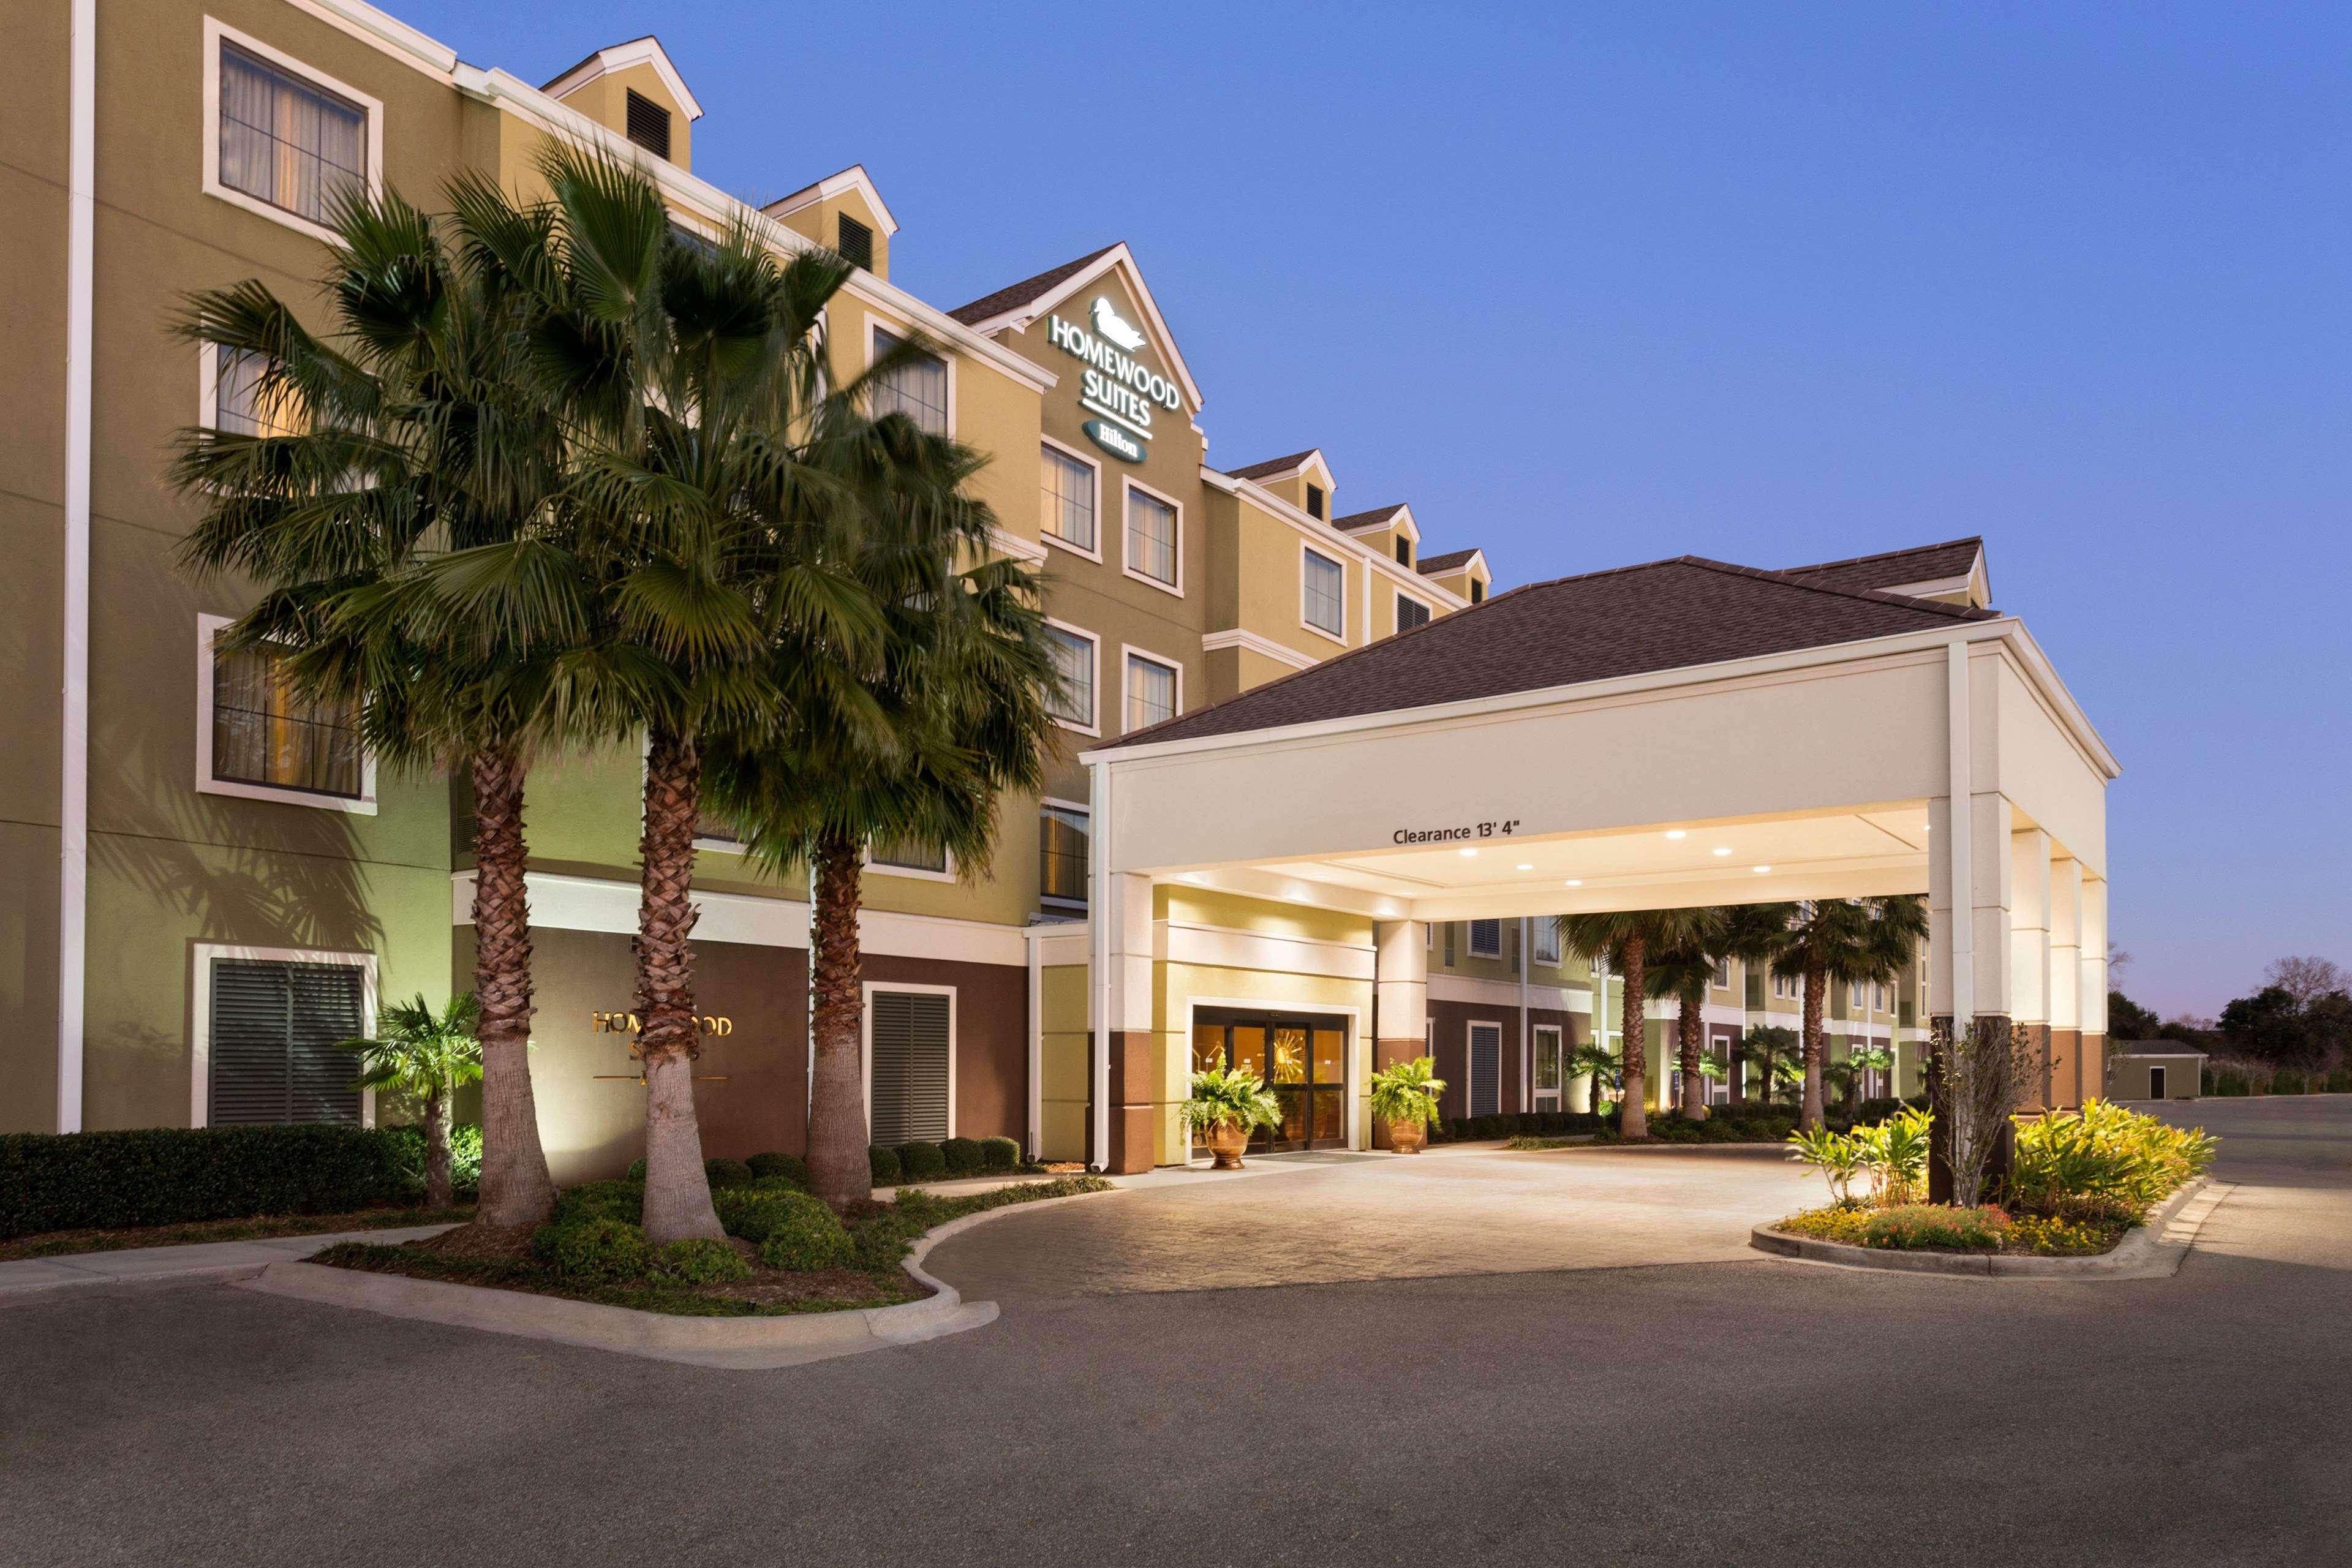 Homewood Suites by Hilton Lafayette-Airport, LA image 1